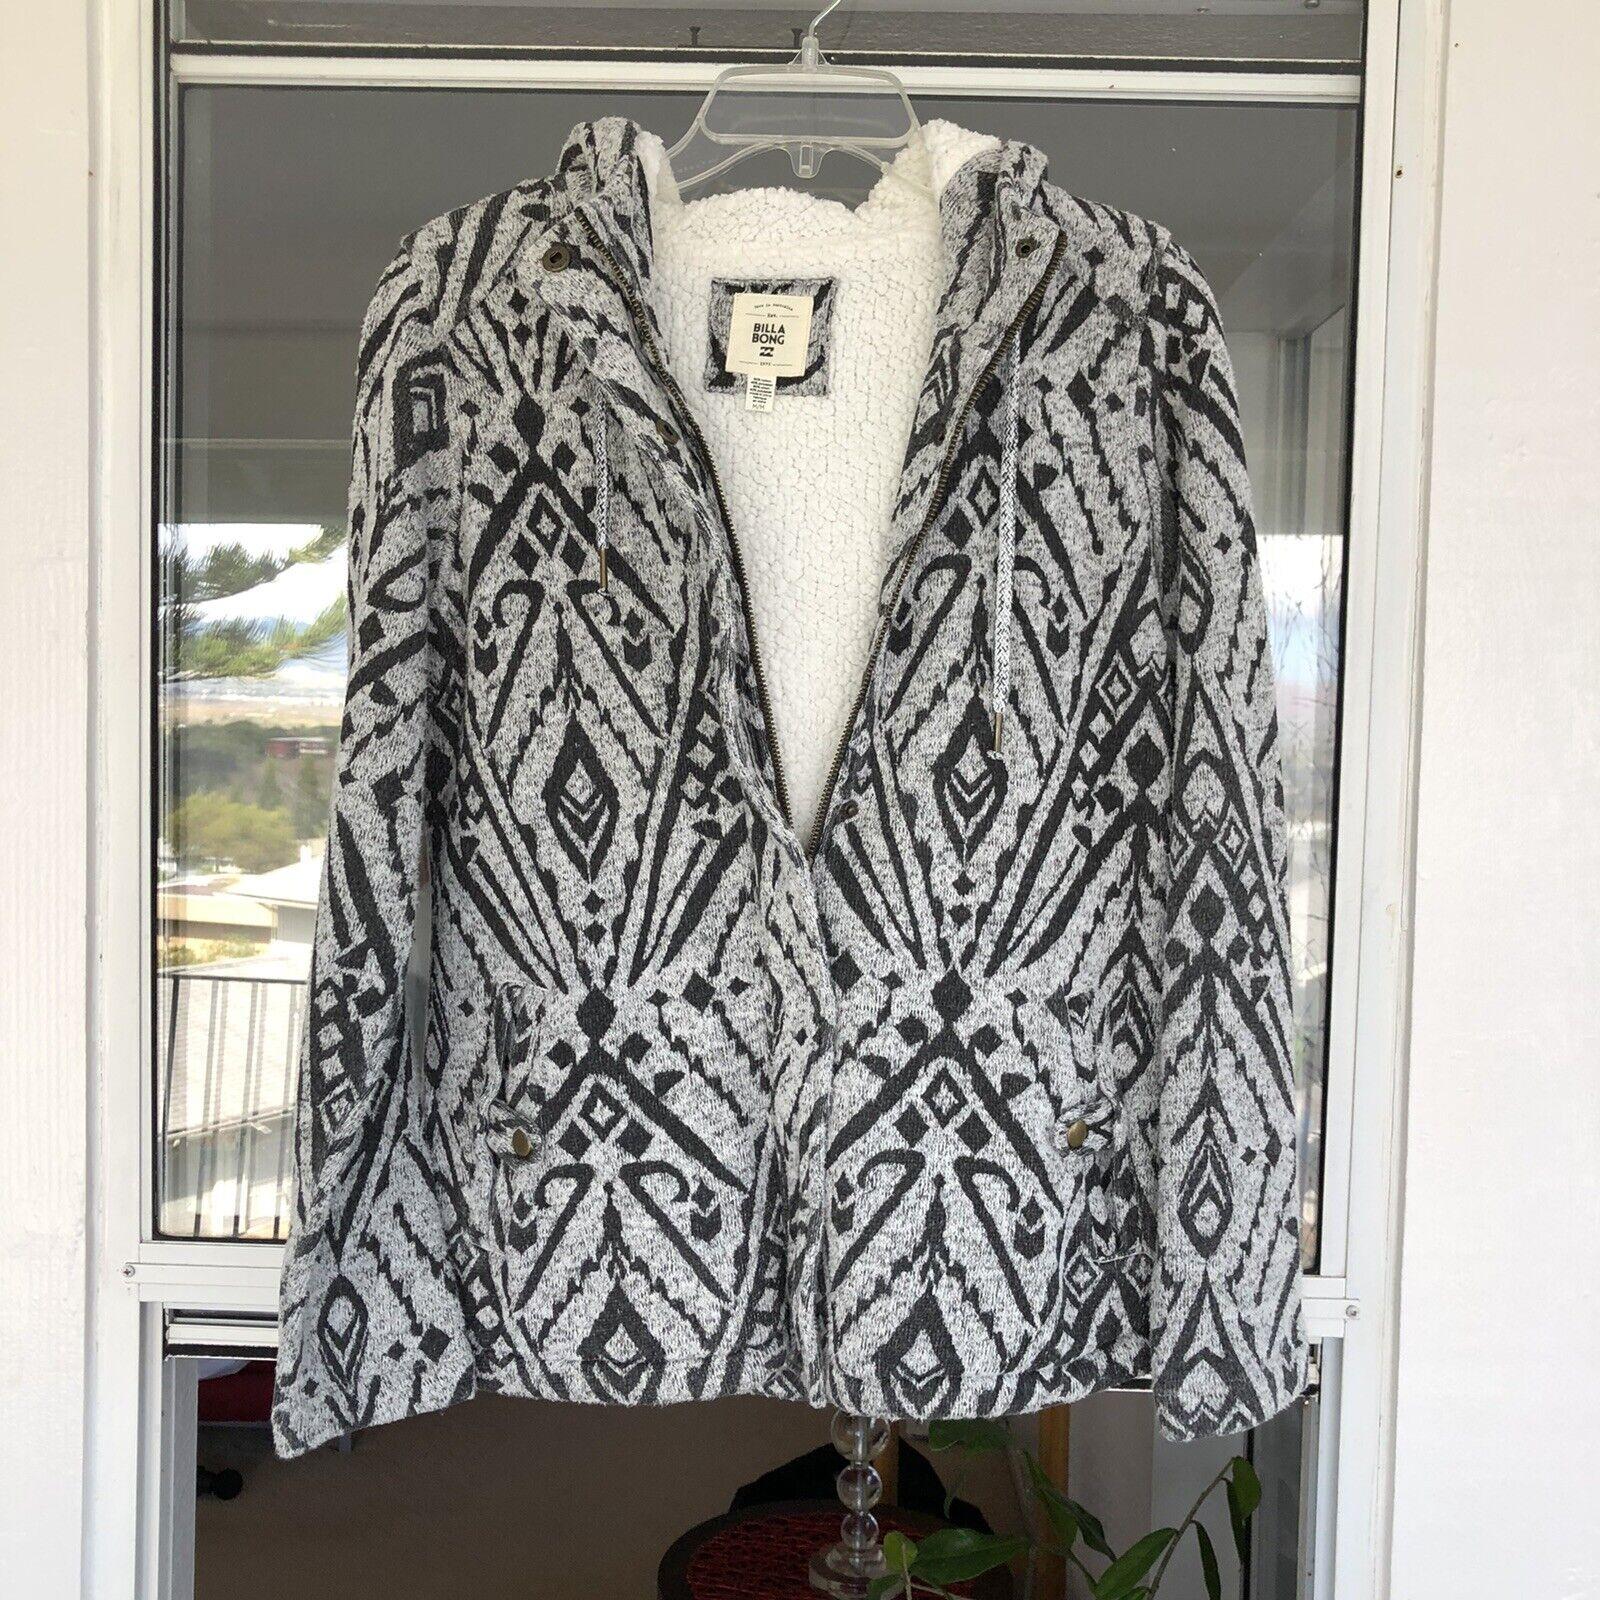 Billabong Jackets Animal Print Zipper/Button Closure Fleece Lined Women's Medium